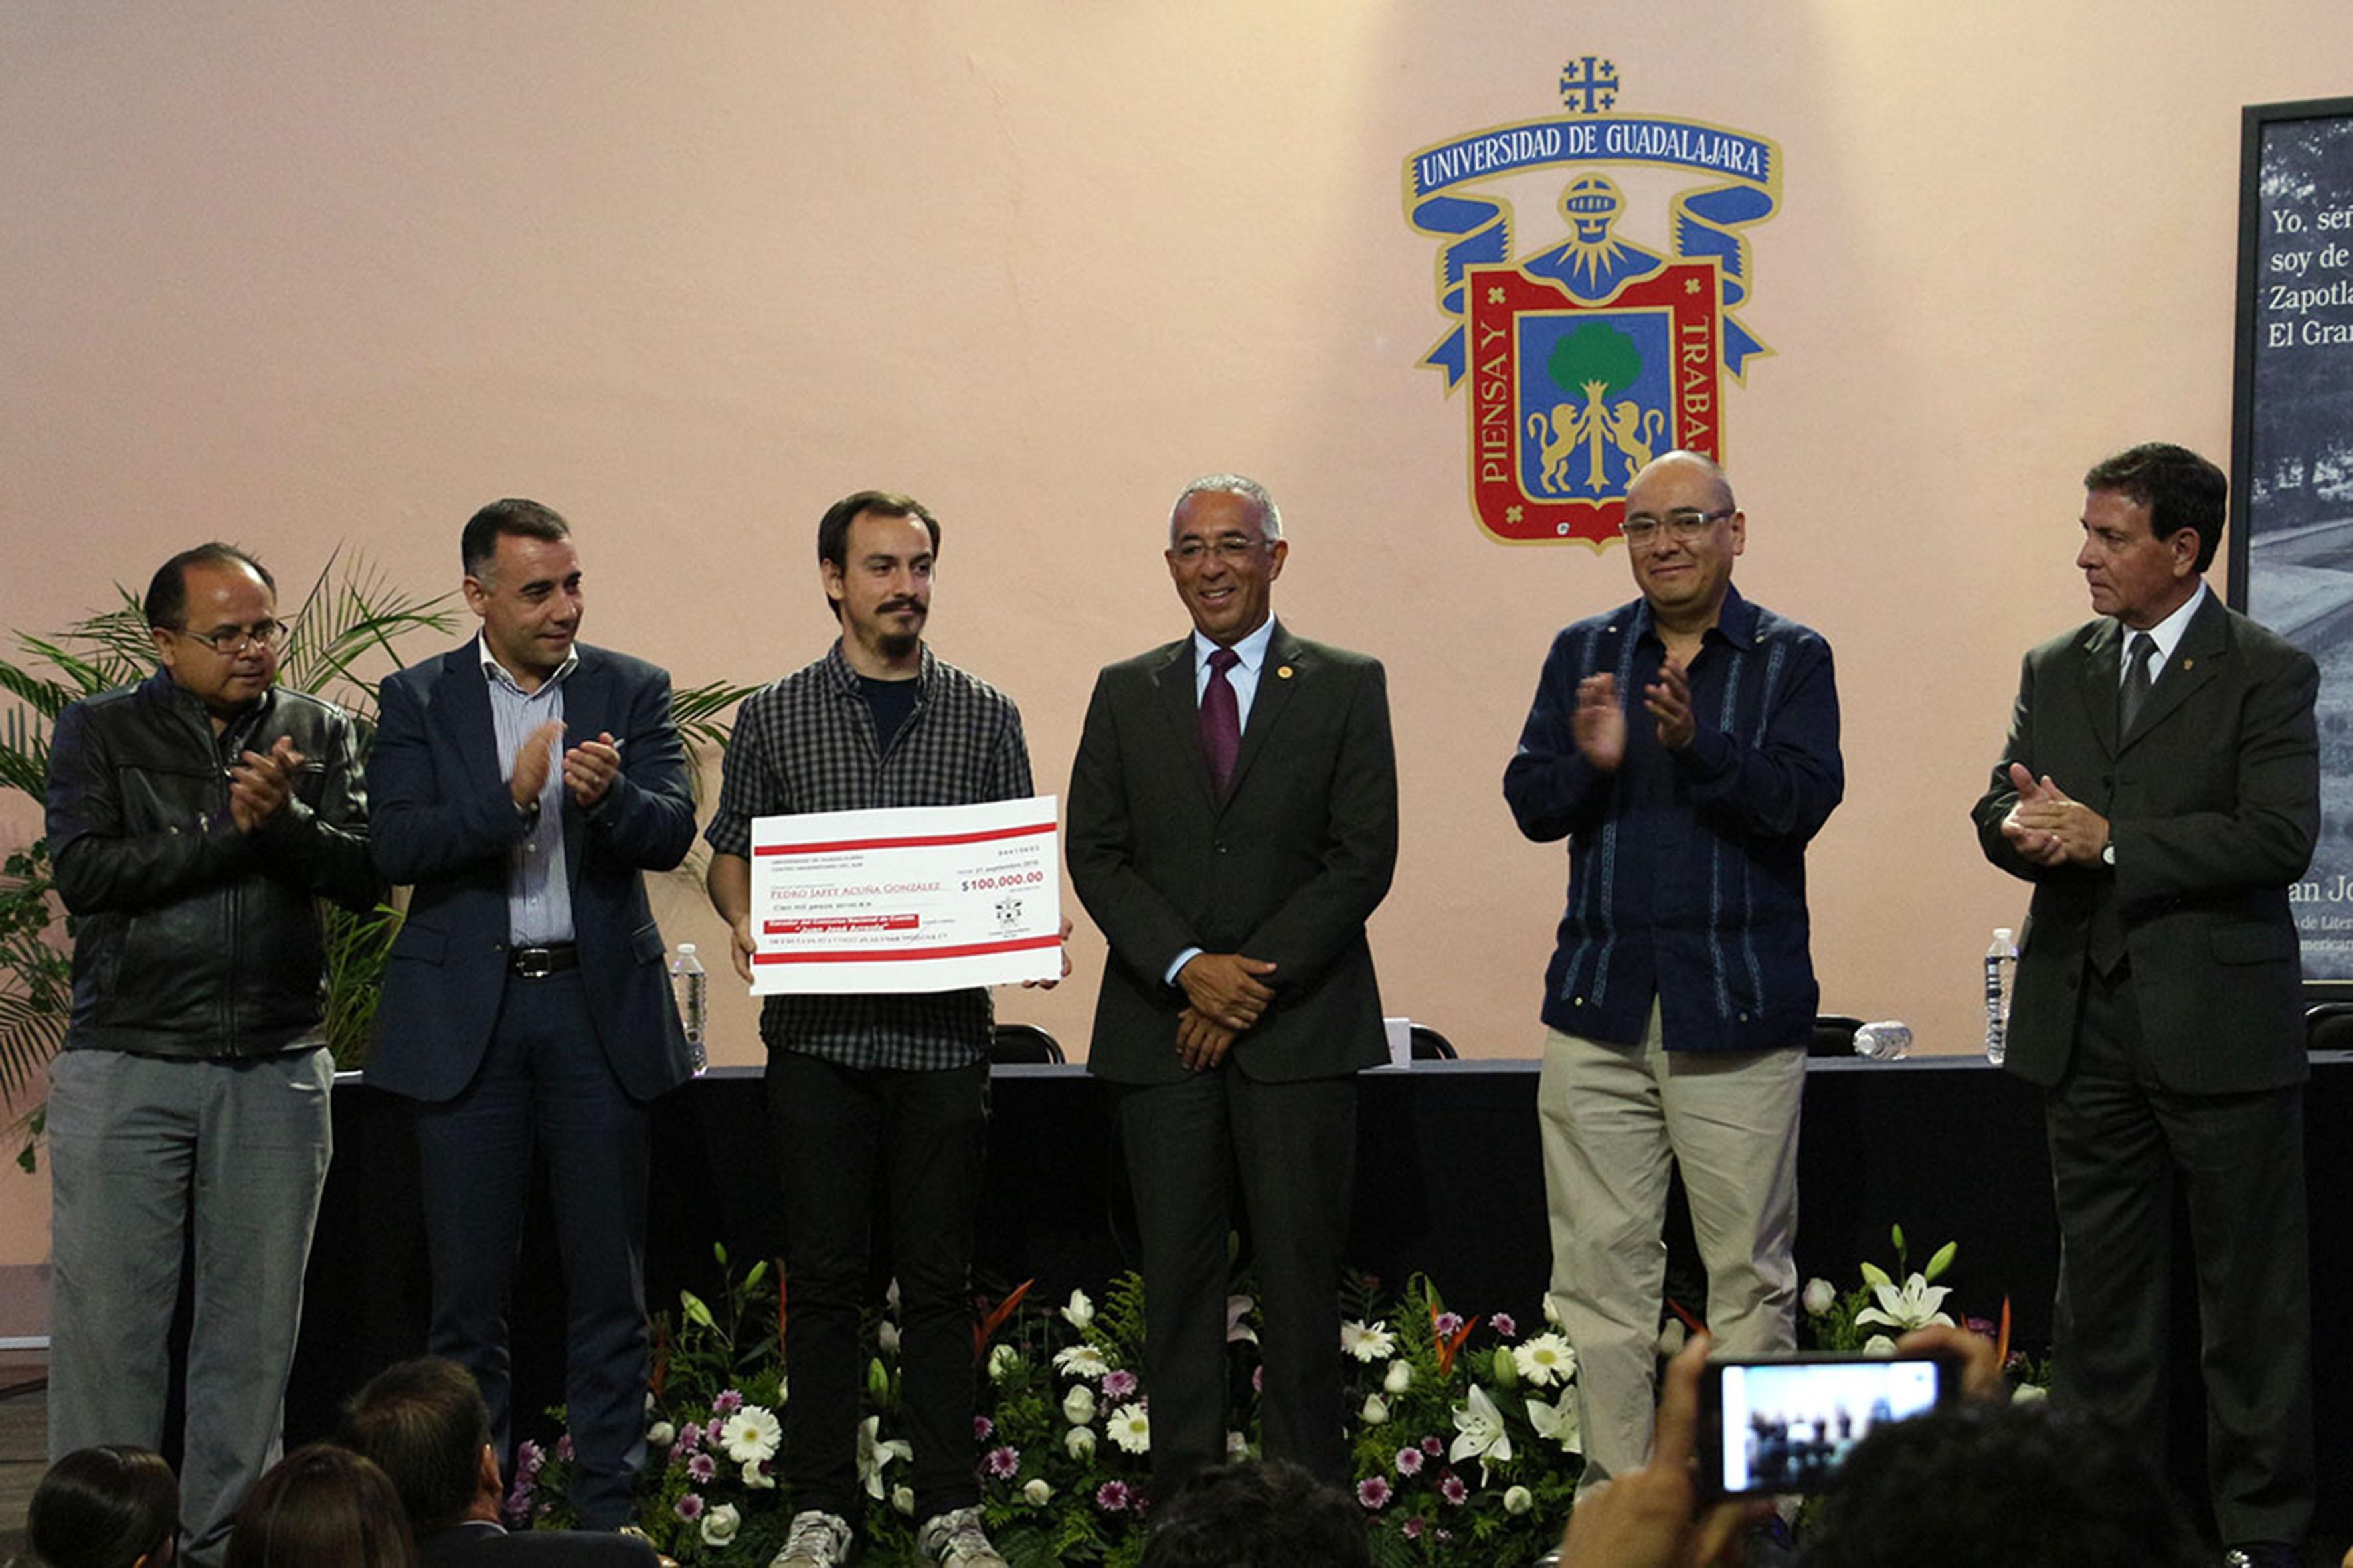 """Pedro Acuña, recibiendo premio del XV Concurso Nacional de Cuento """"Juan José Arreola"""""""